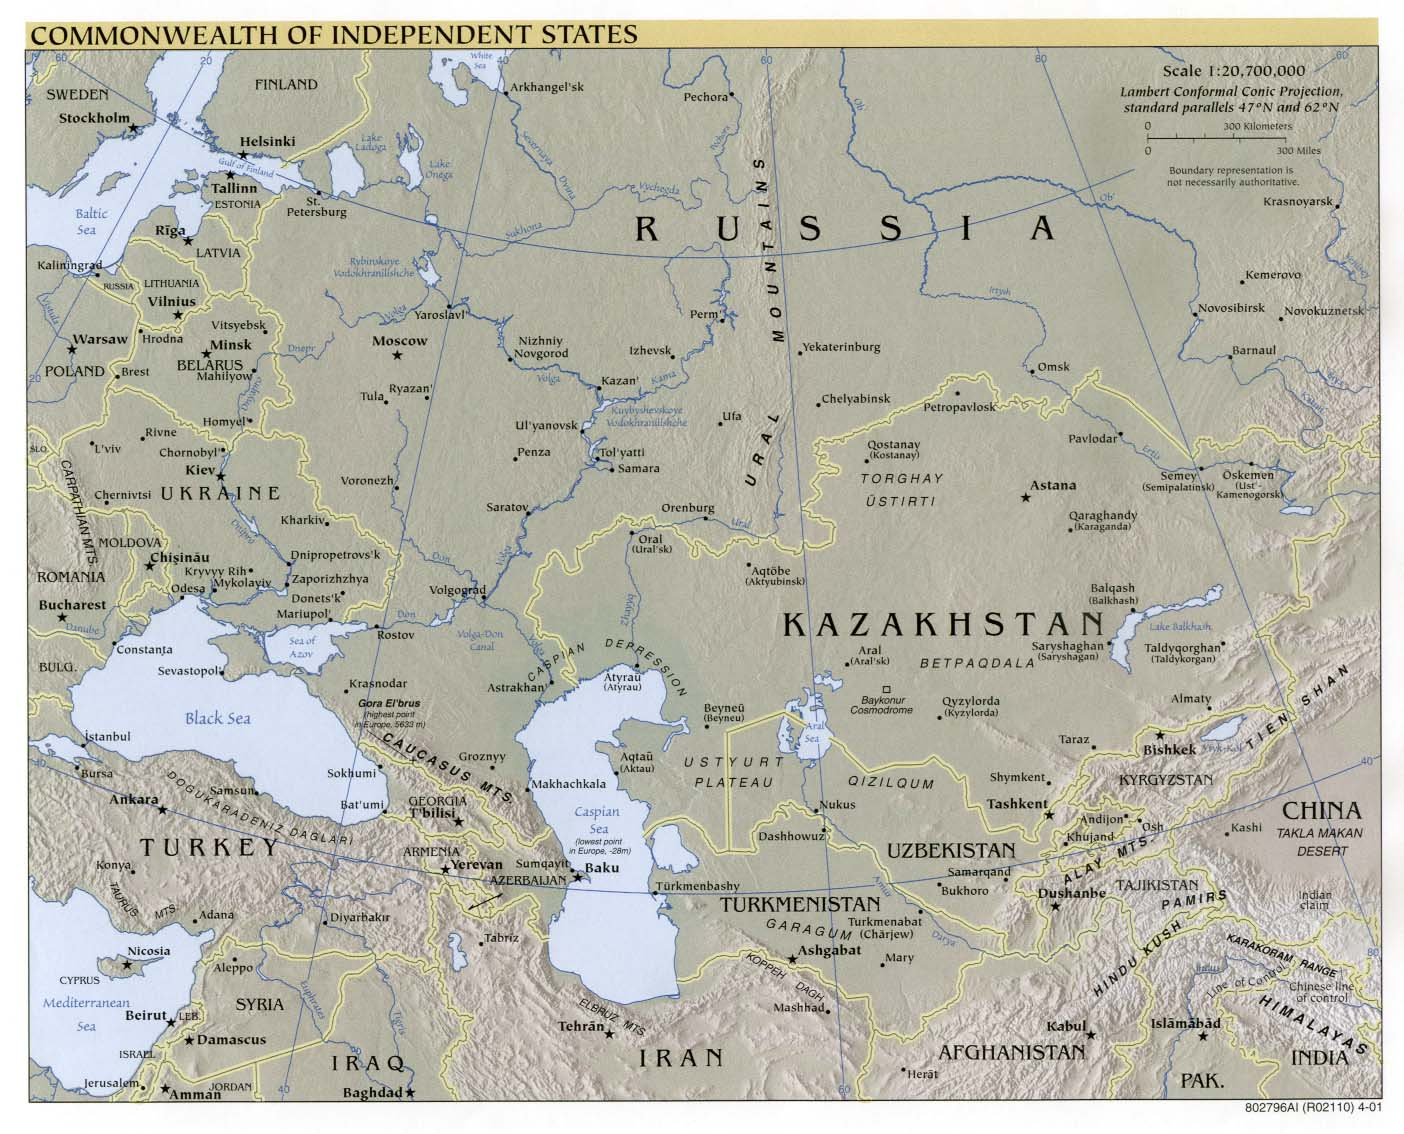 Mapa físico de la Comunidad de Estados Independientes 2001